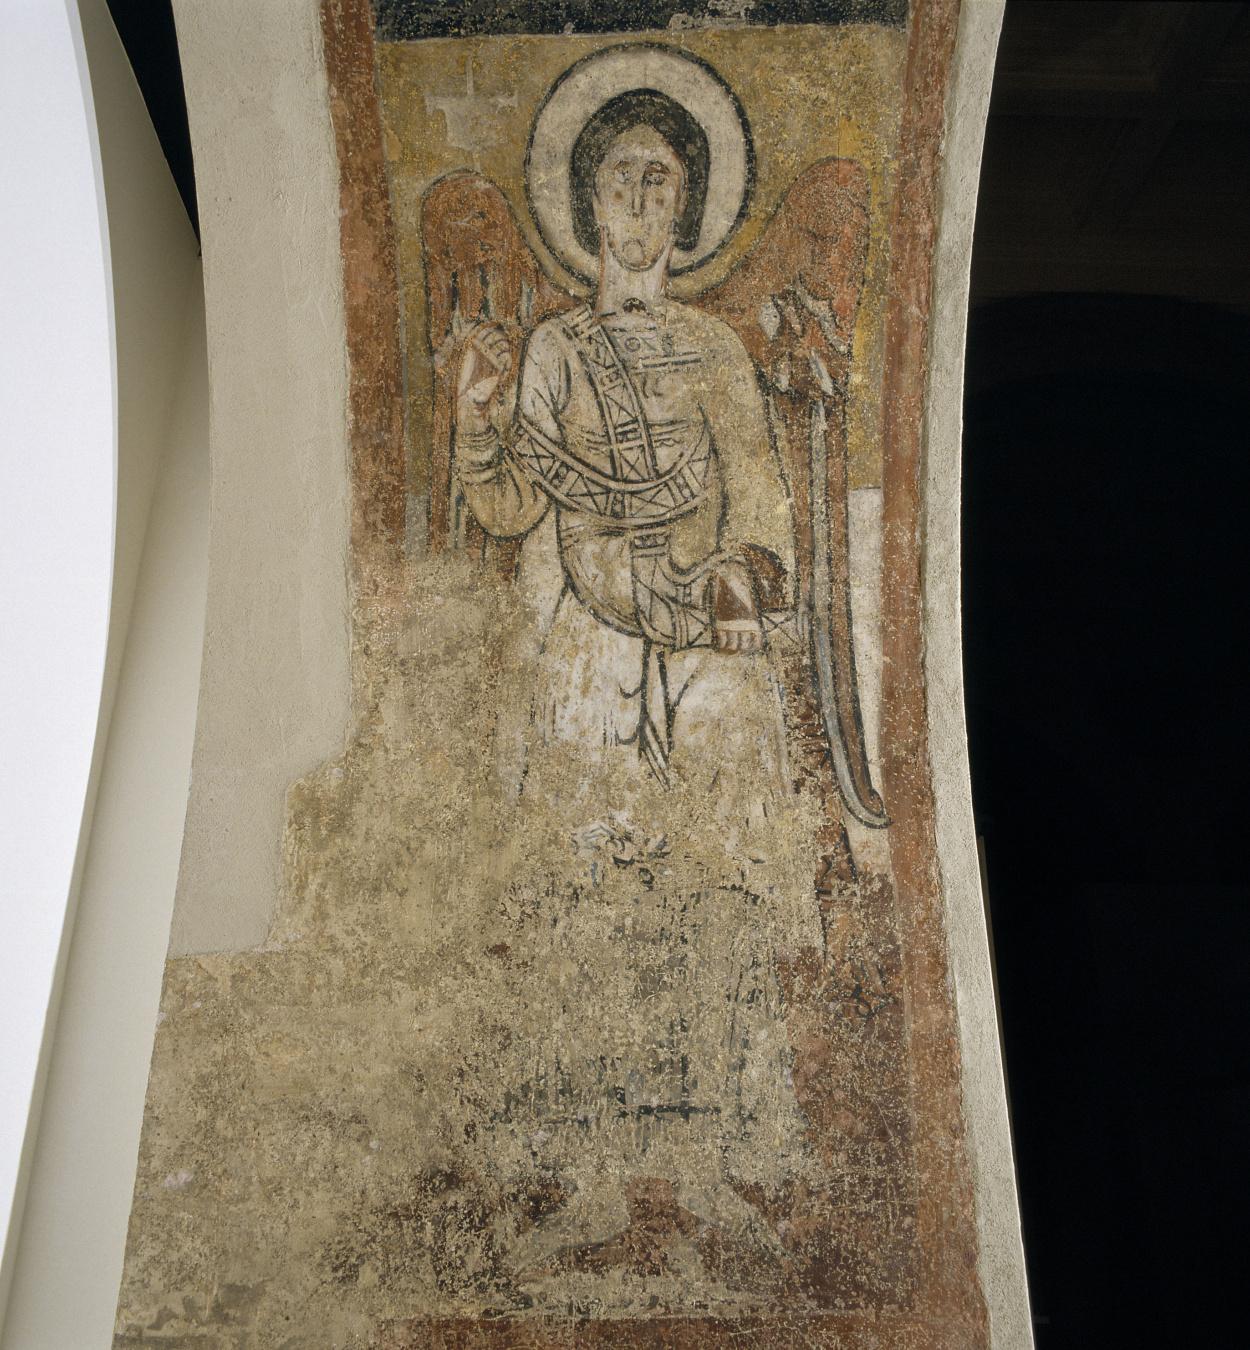 Tercer Mestre de Sorpe - Arcàngel i símbol zodiacal de Sagitari de Sorpe - Mitjan segle XII [1]